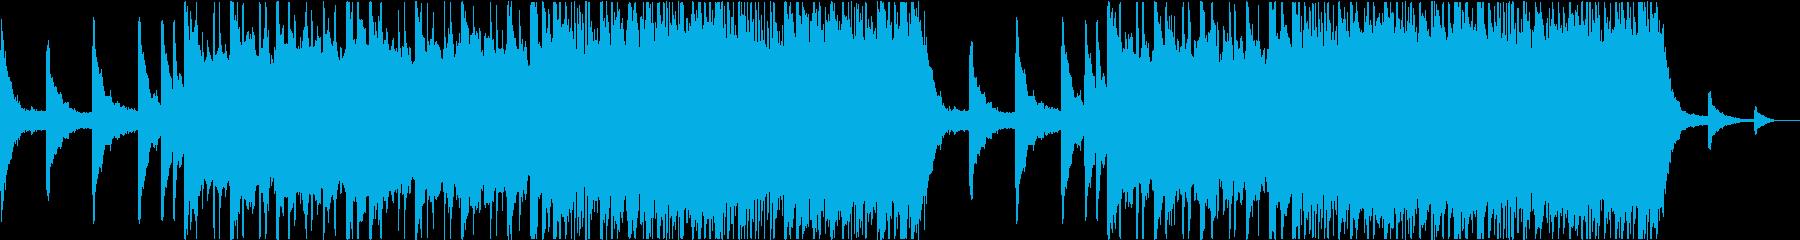 チルアウト、ピアノ、トラップ、感動的の再生済みの波形